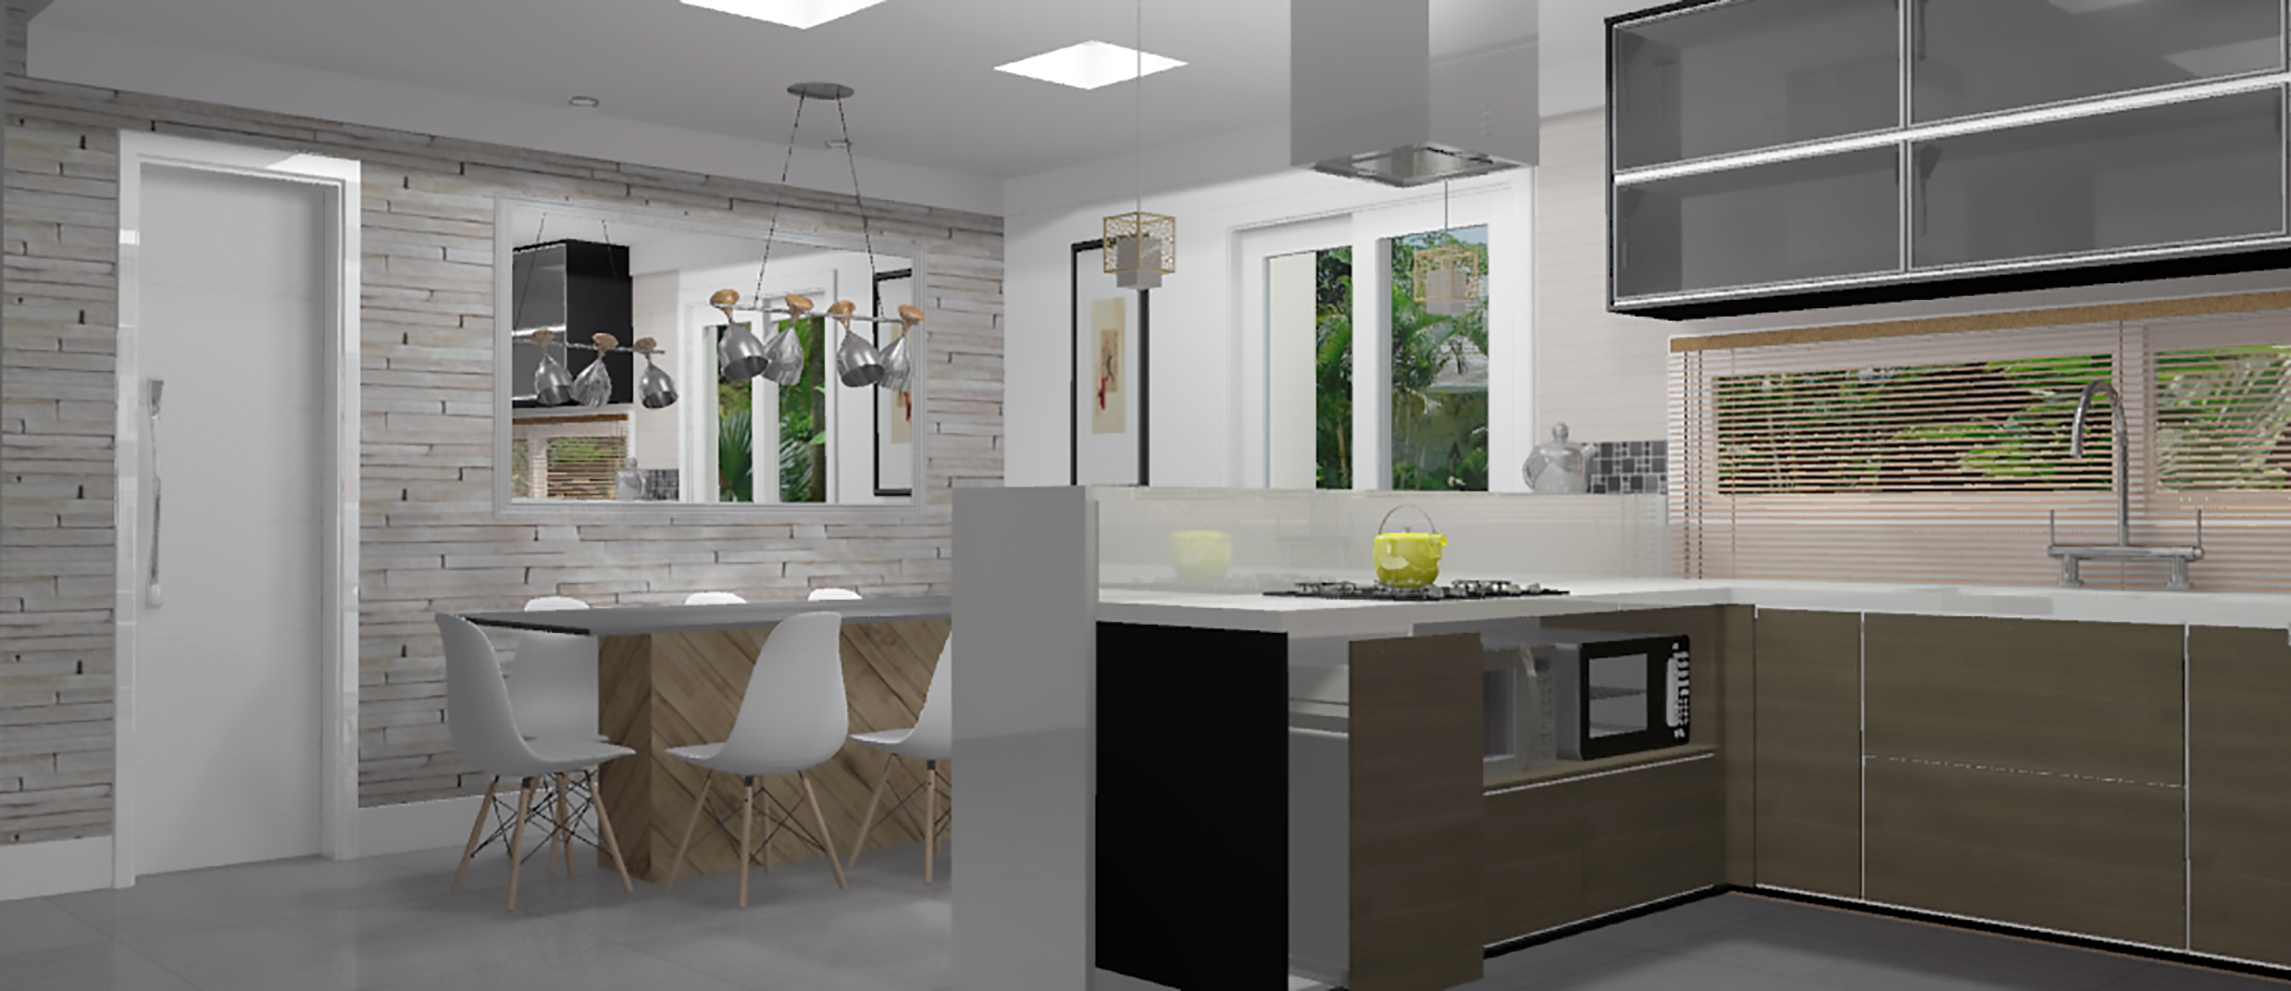 projetos de cozinhas cozinha moderna cozinha americana pequena cozinha  #4B603D 2291 991